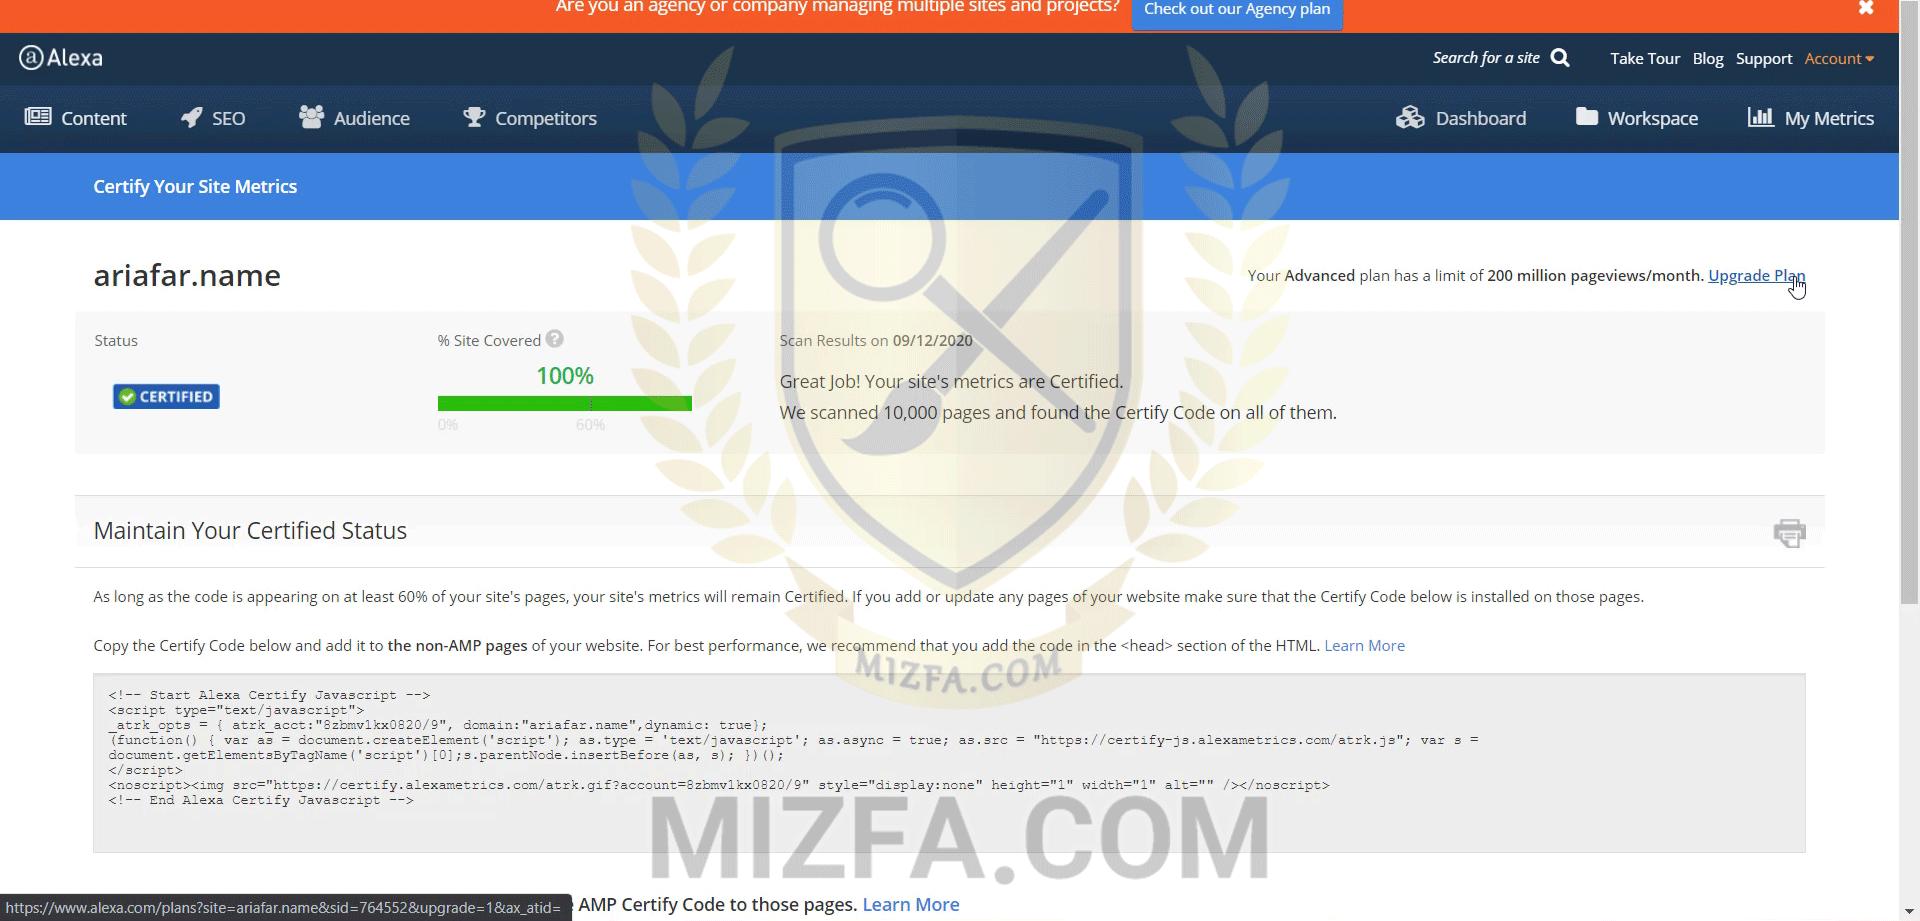 تایید کد الکسا برای سایت